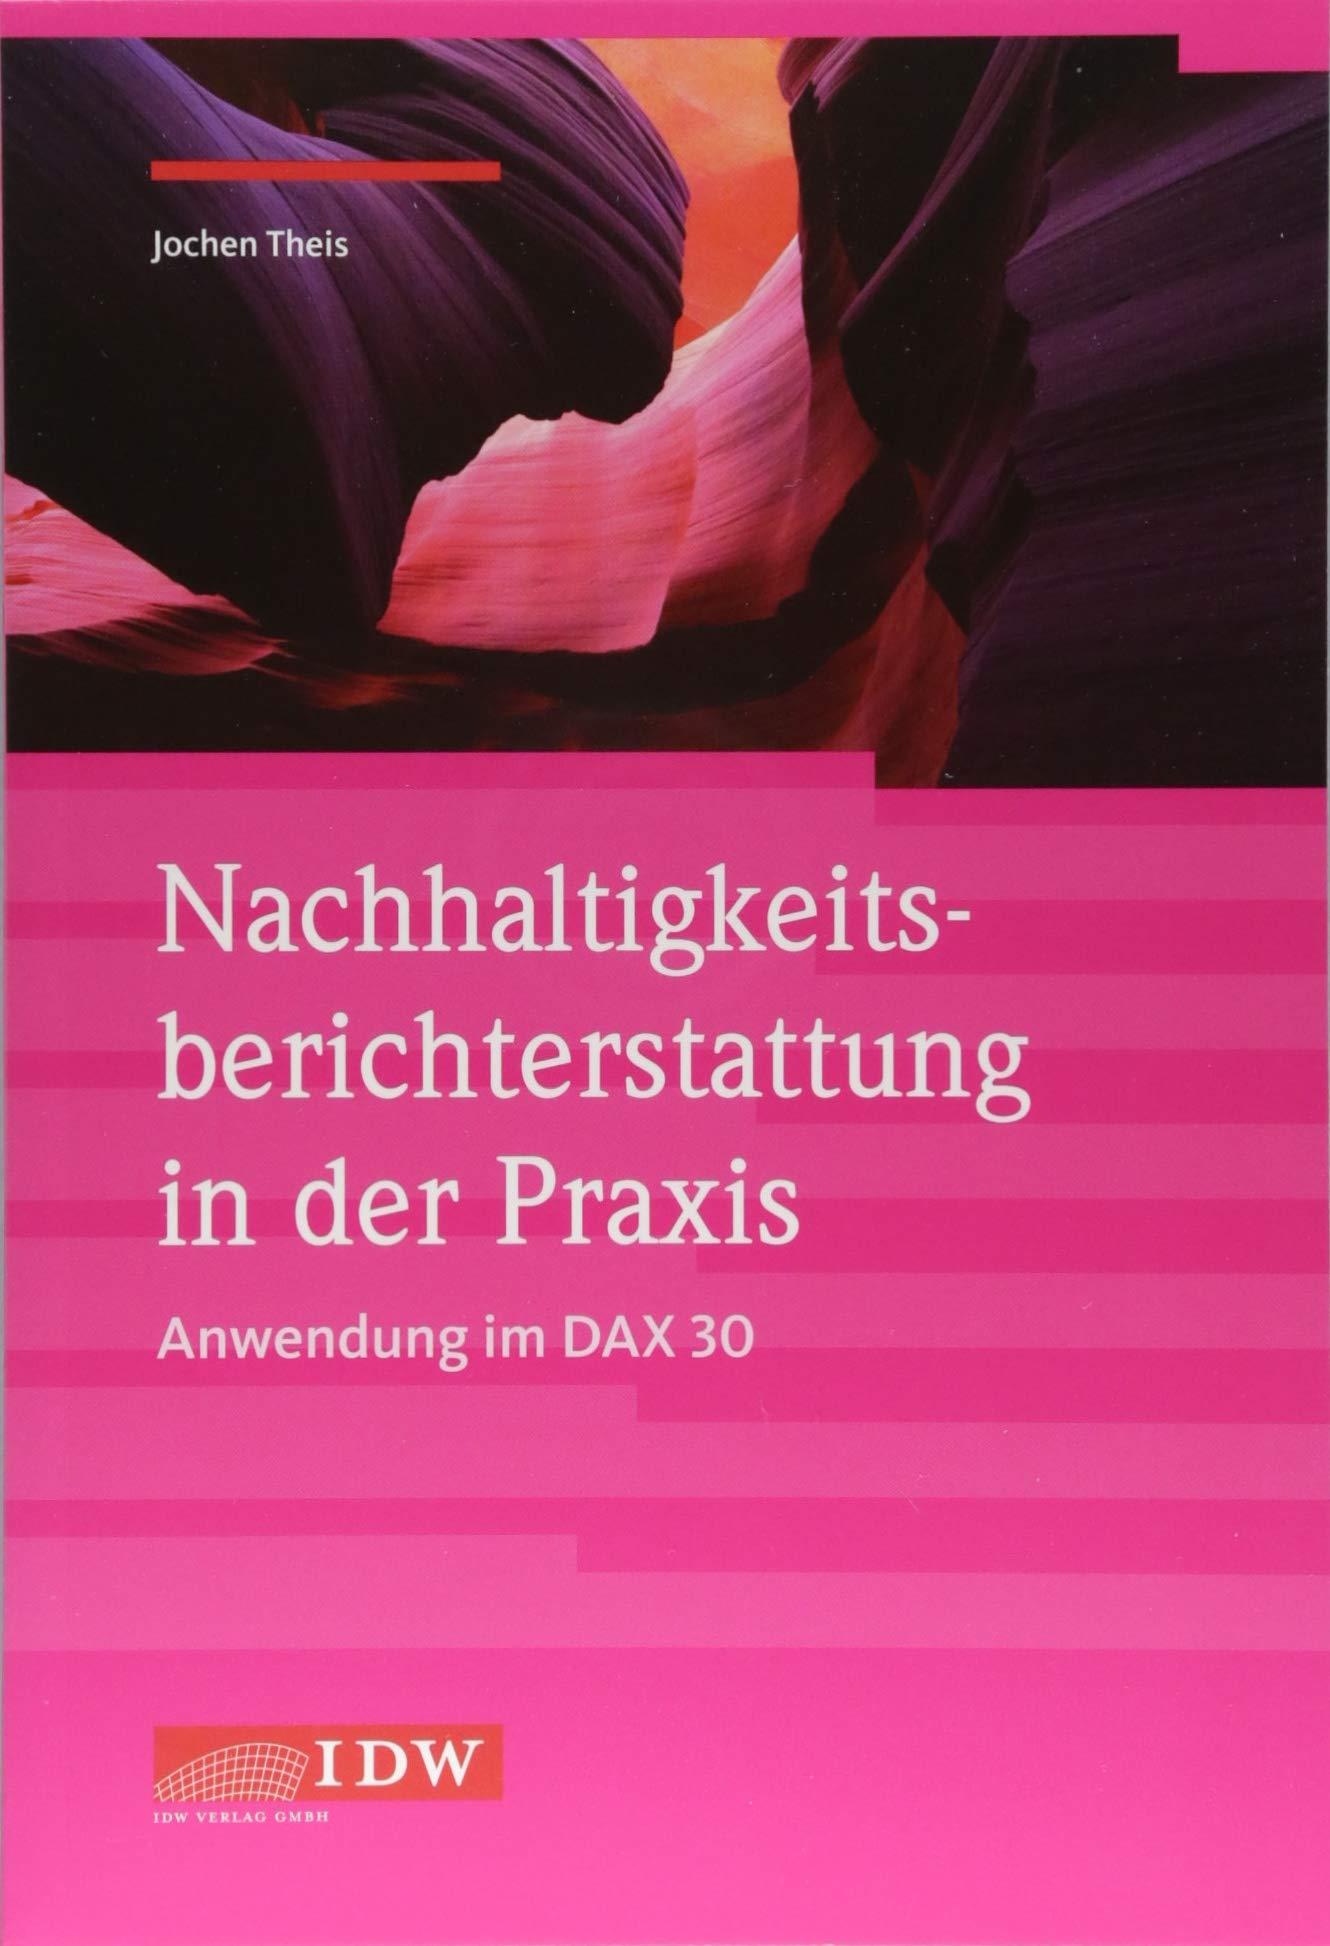 Nachhaltigkeitsberichterstattung in der Praxis - Anwendung im DAX 30 Taschenbuch – 1. Juni 2018 Jochen Theis IDW 3802121422 Betriebswirtschaft